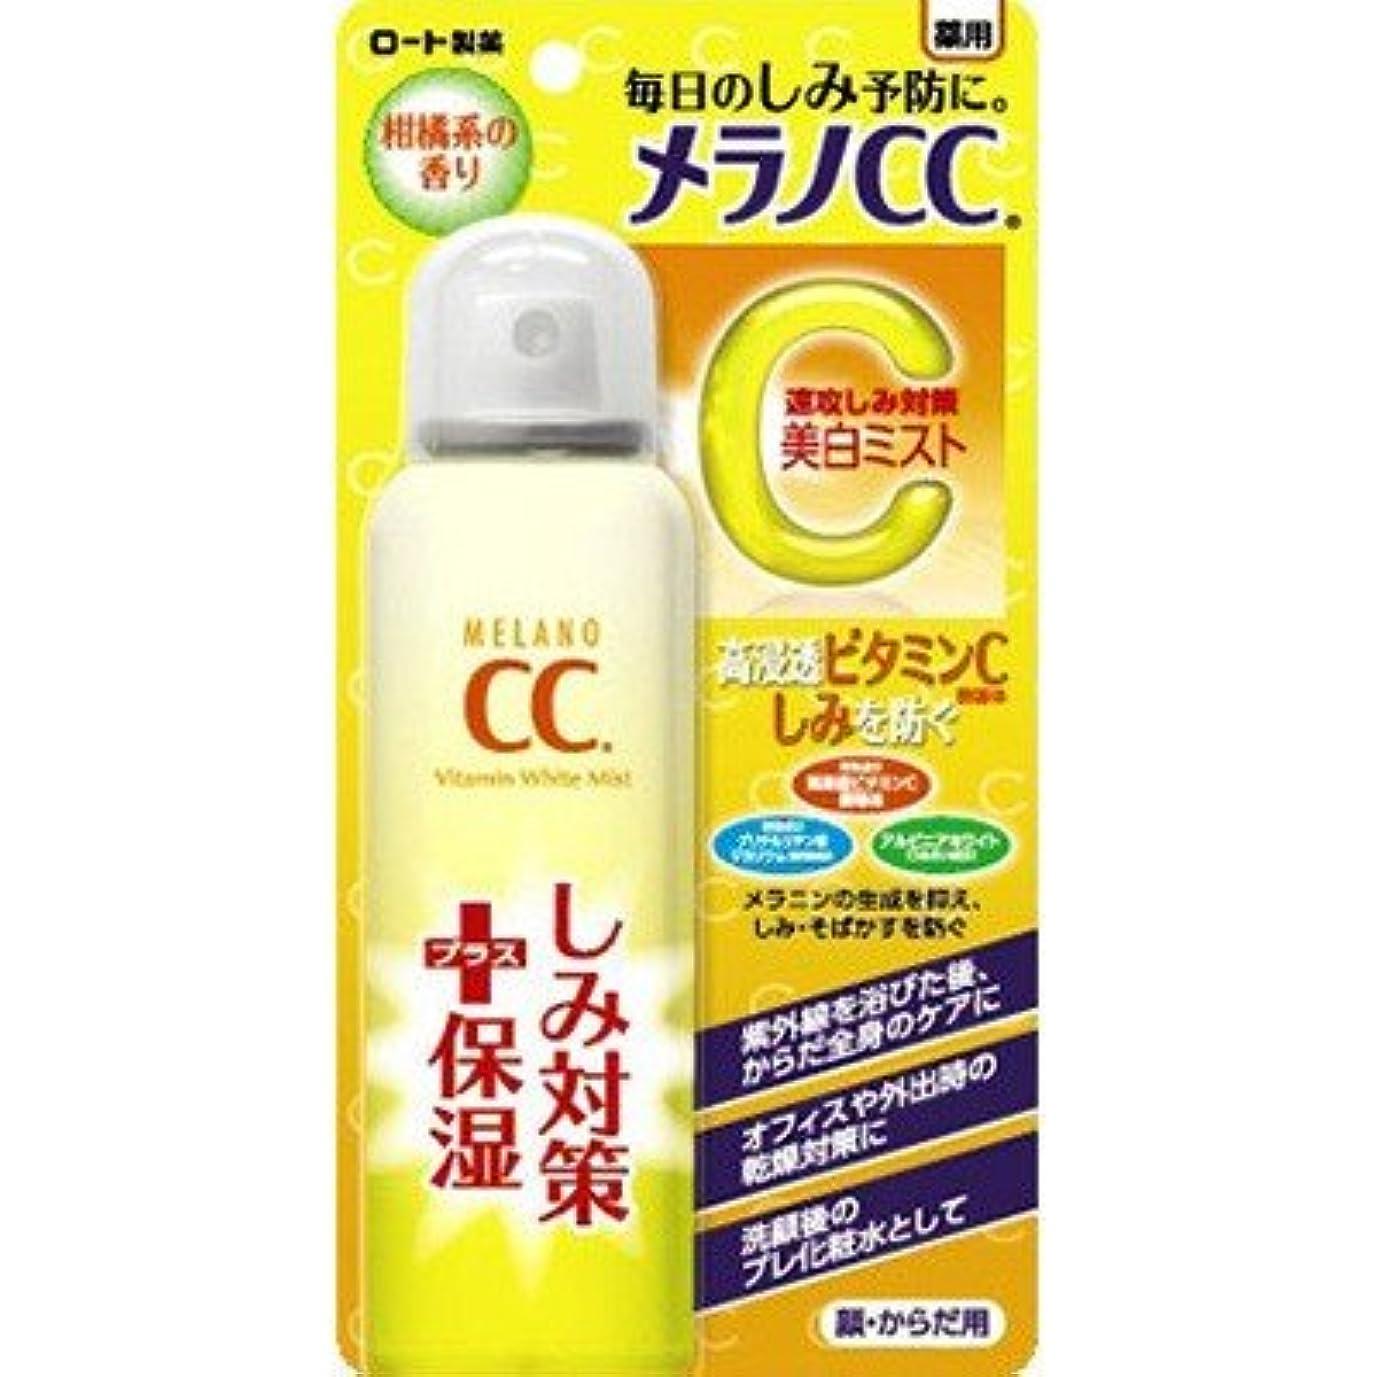 出力アライメント思想メラノCC 薬用 しみ対策 美白ミスト化粧水 100g [並行輸入品]